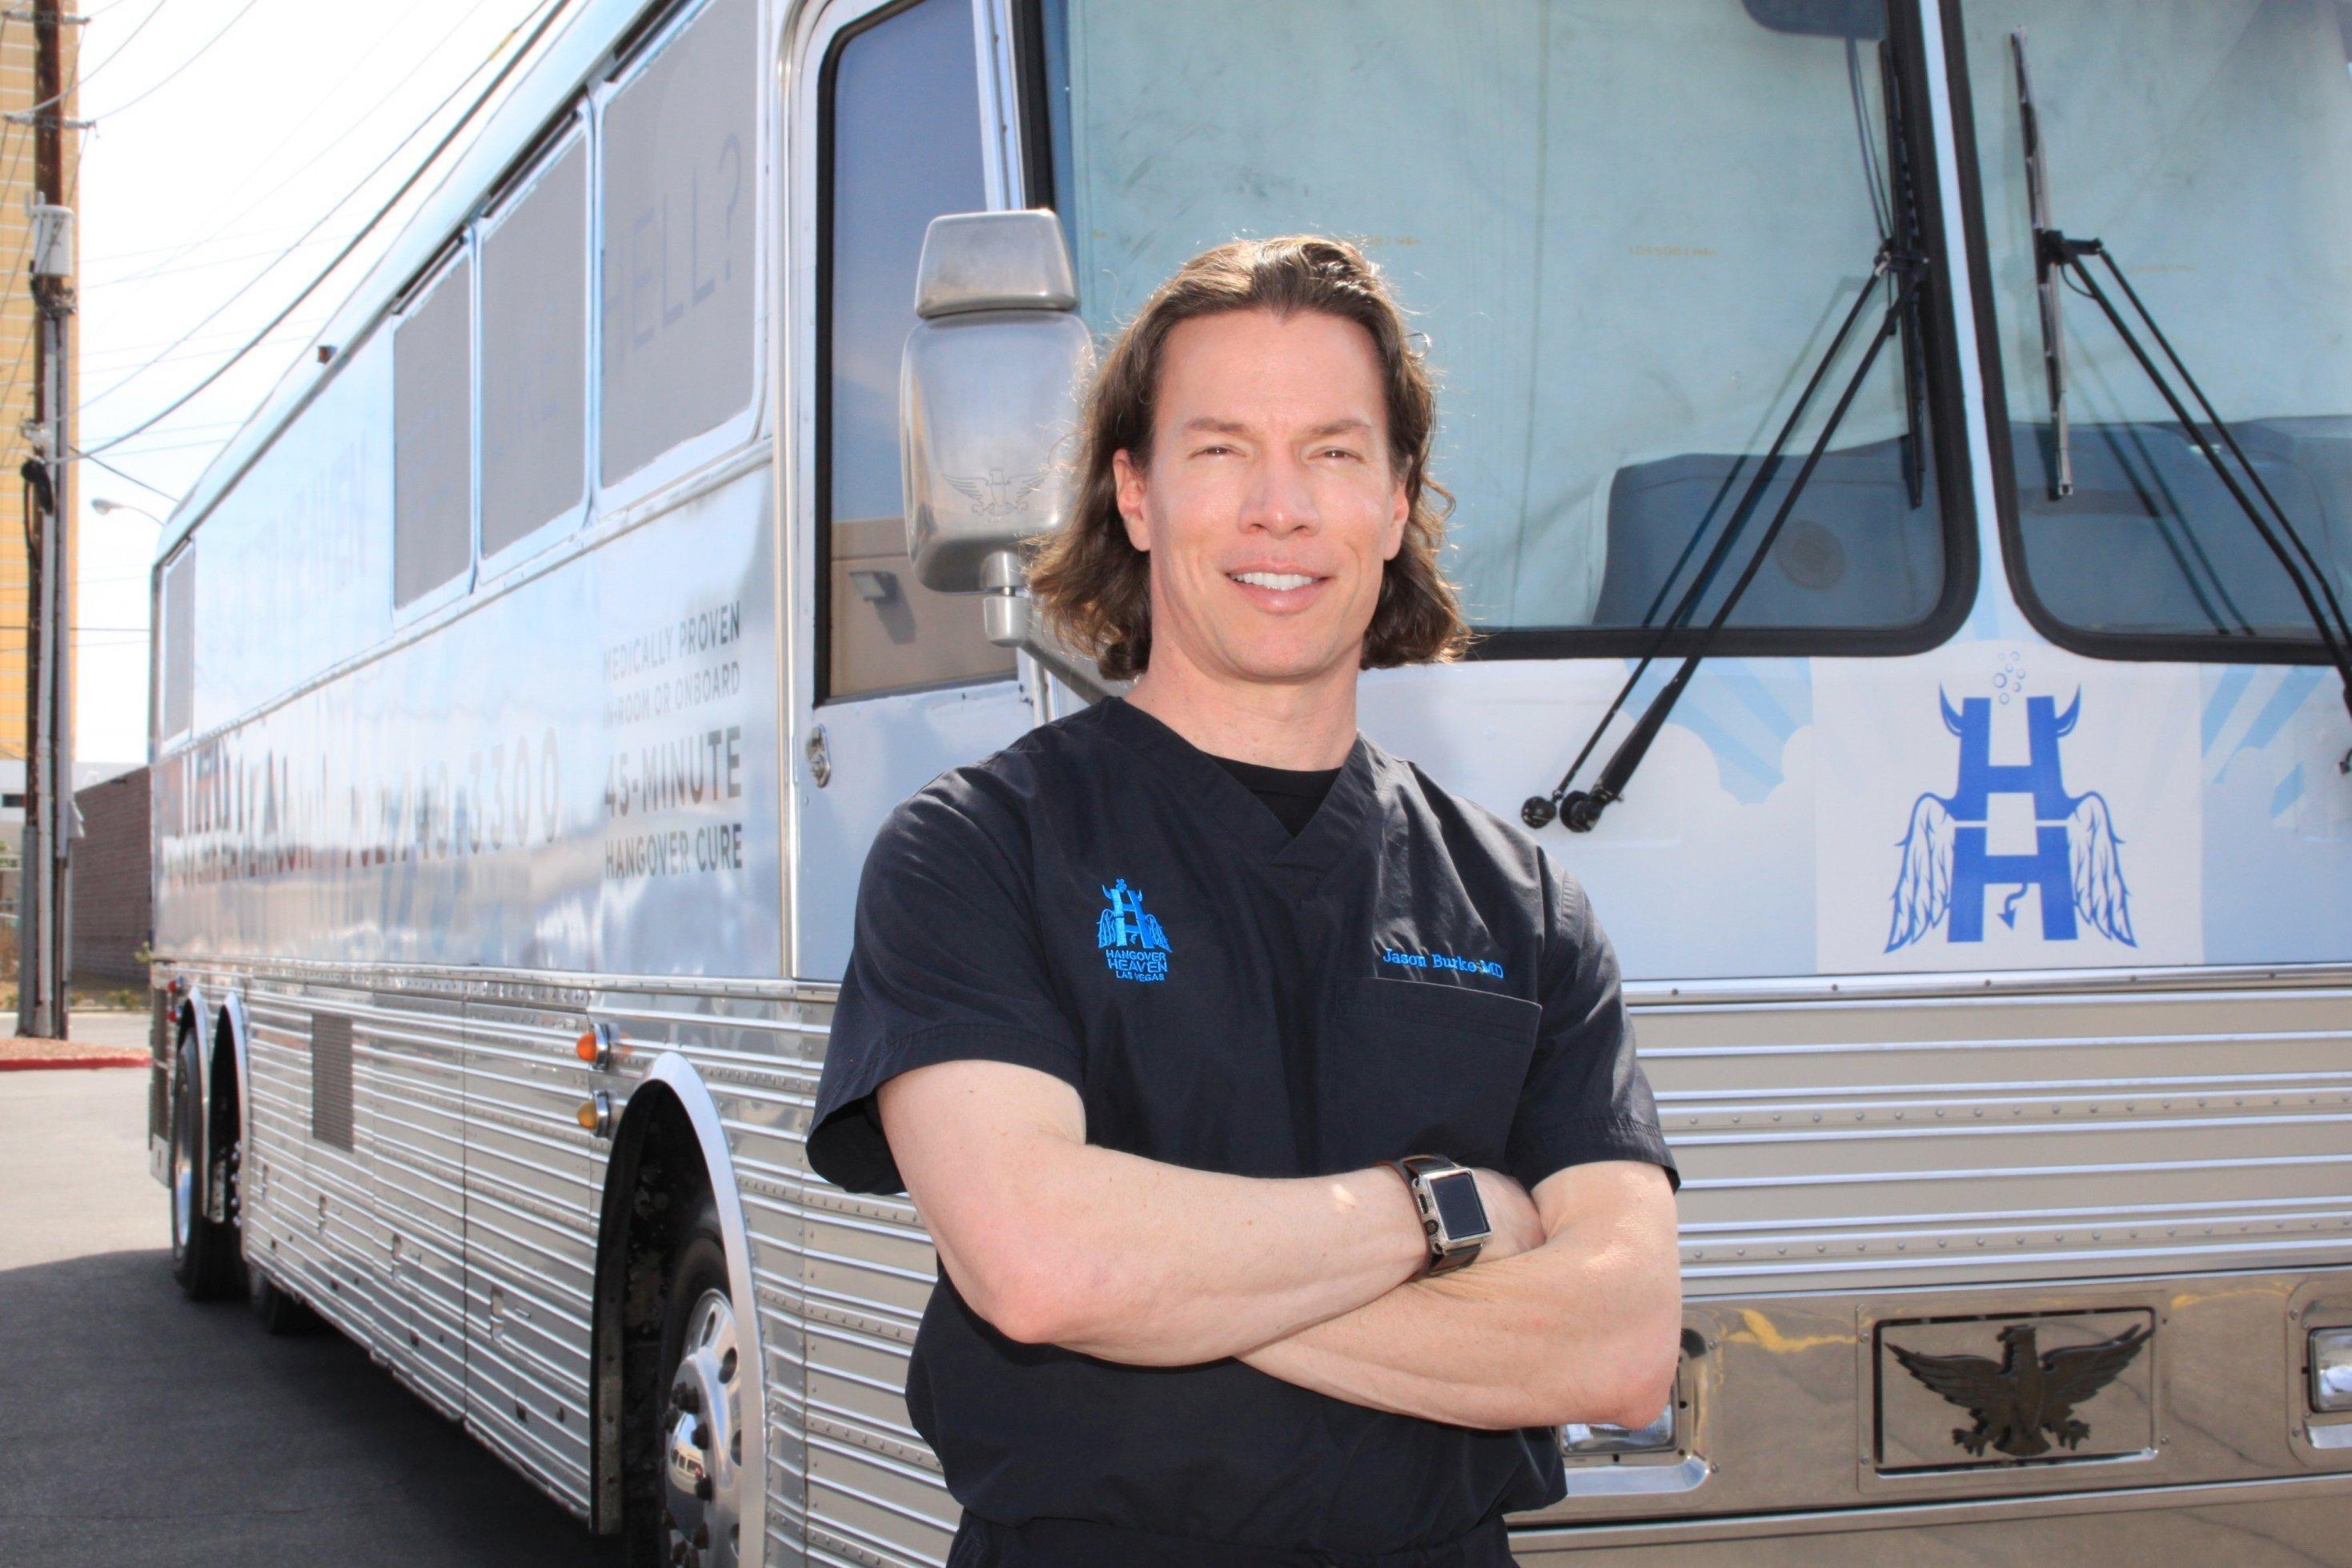 Ein Mann steht vor einem Bus